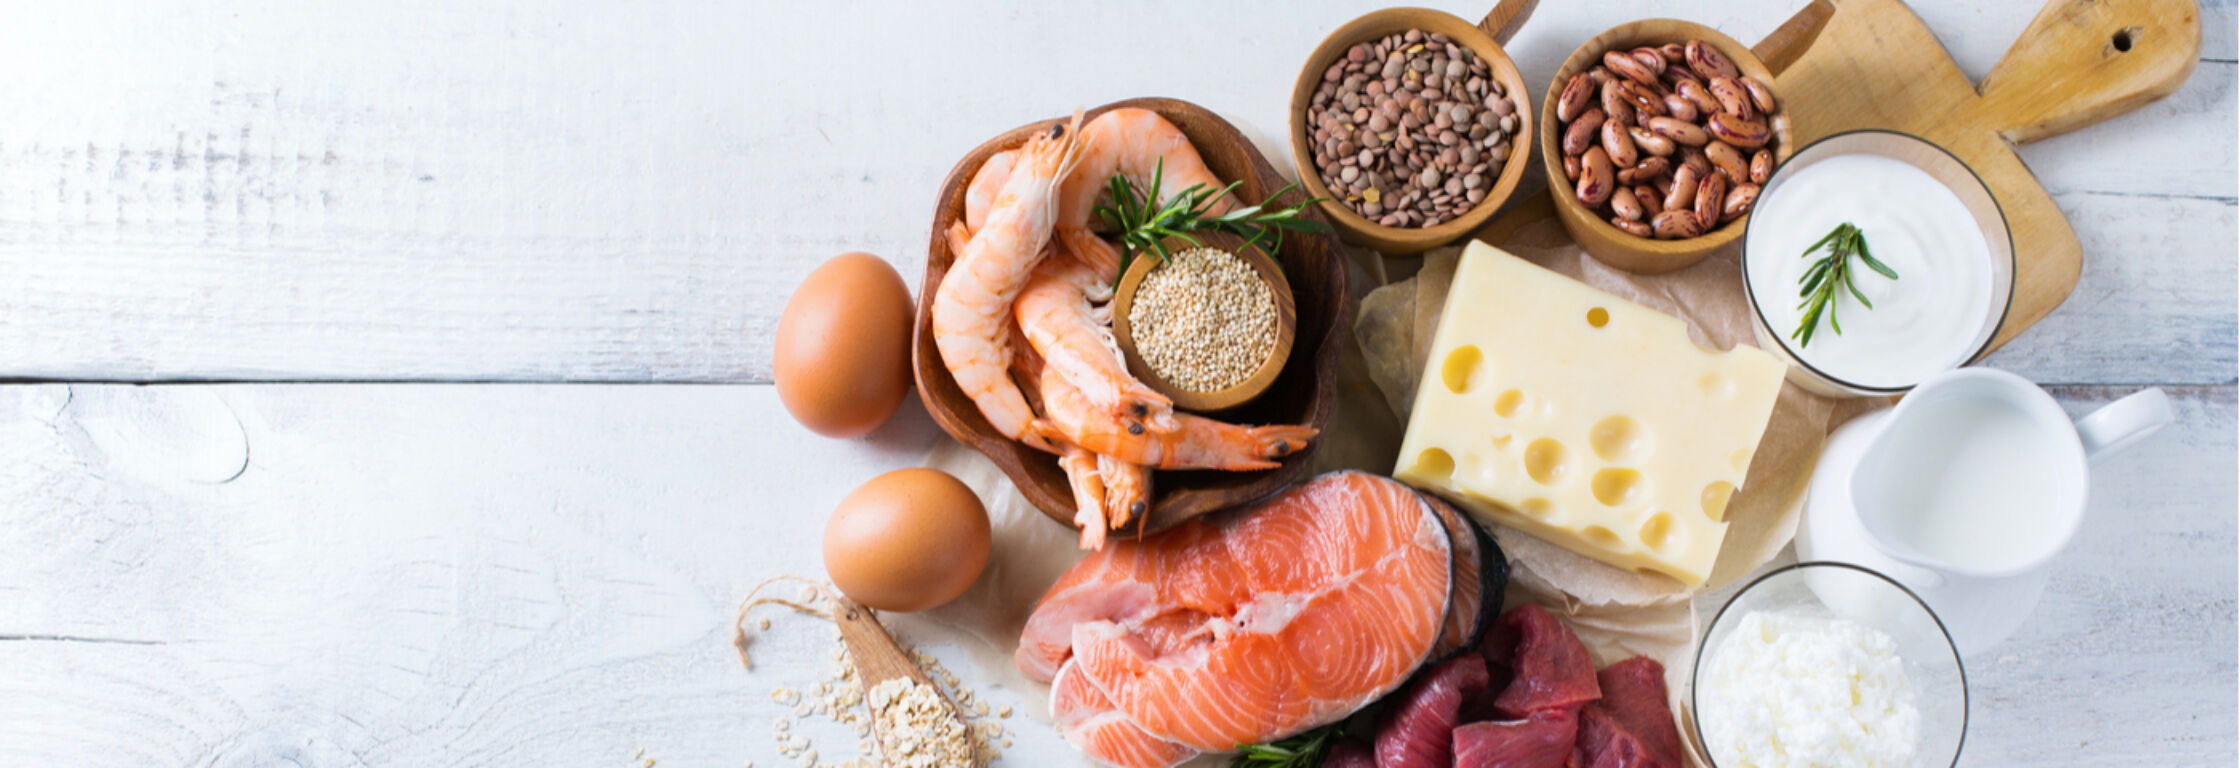 Eiwitten aanvullen: hoe te verwerken in de hoofdmaaltijden?